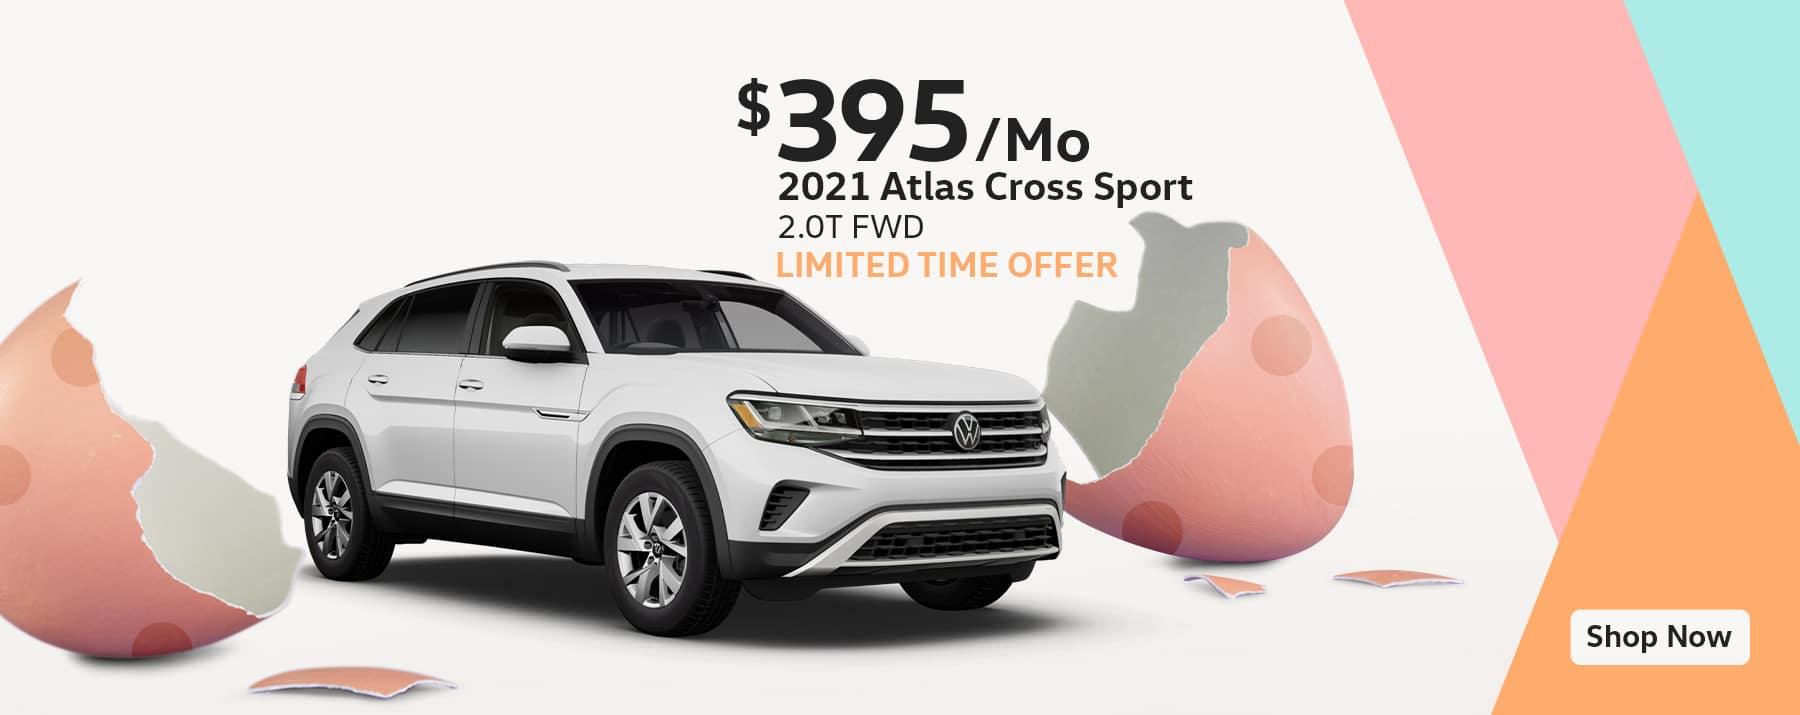 2021 VW Atlas Crosssport